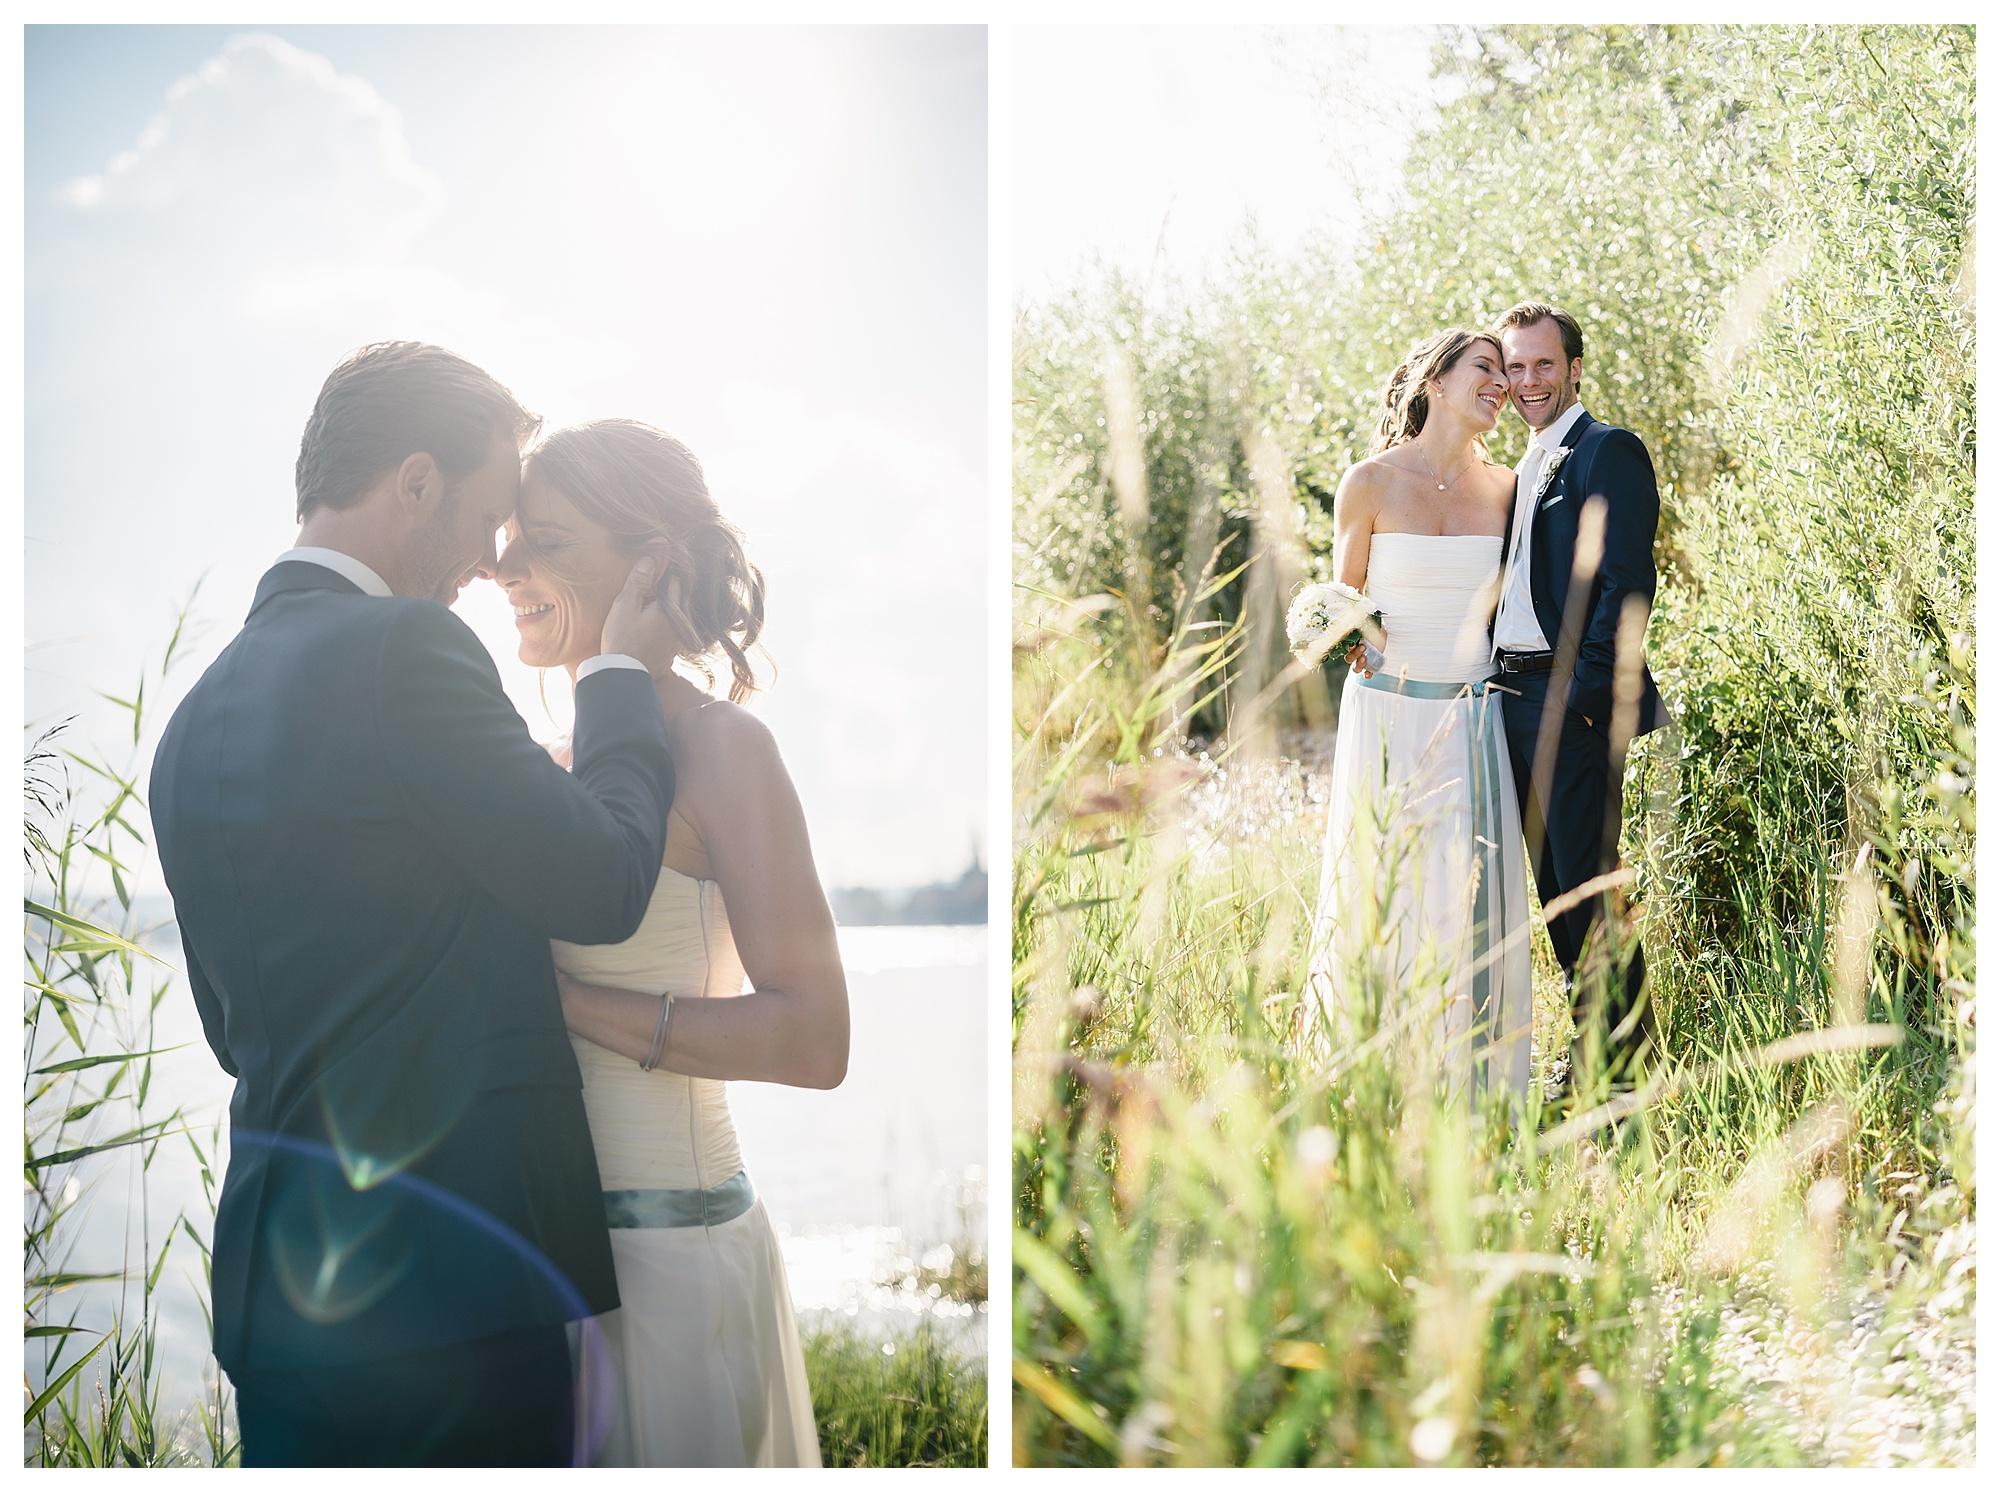 Fotograf Konstanz - Best of 2014 Elmar Feuerbacher Photography Hochzeit Portrait 040 - Rückblick auf 2014  - 42 -